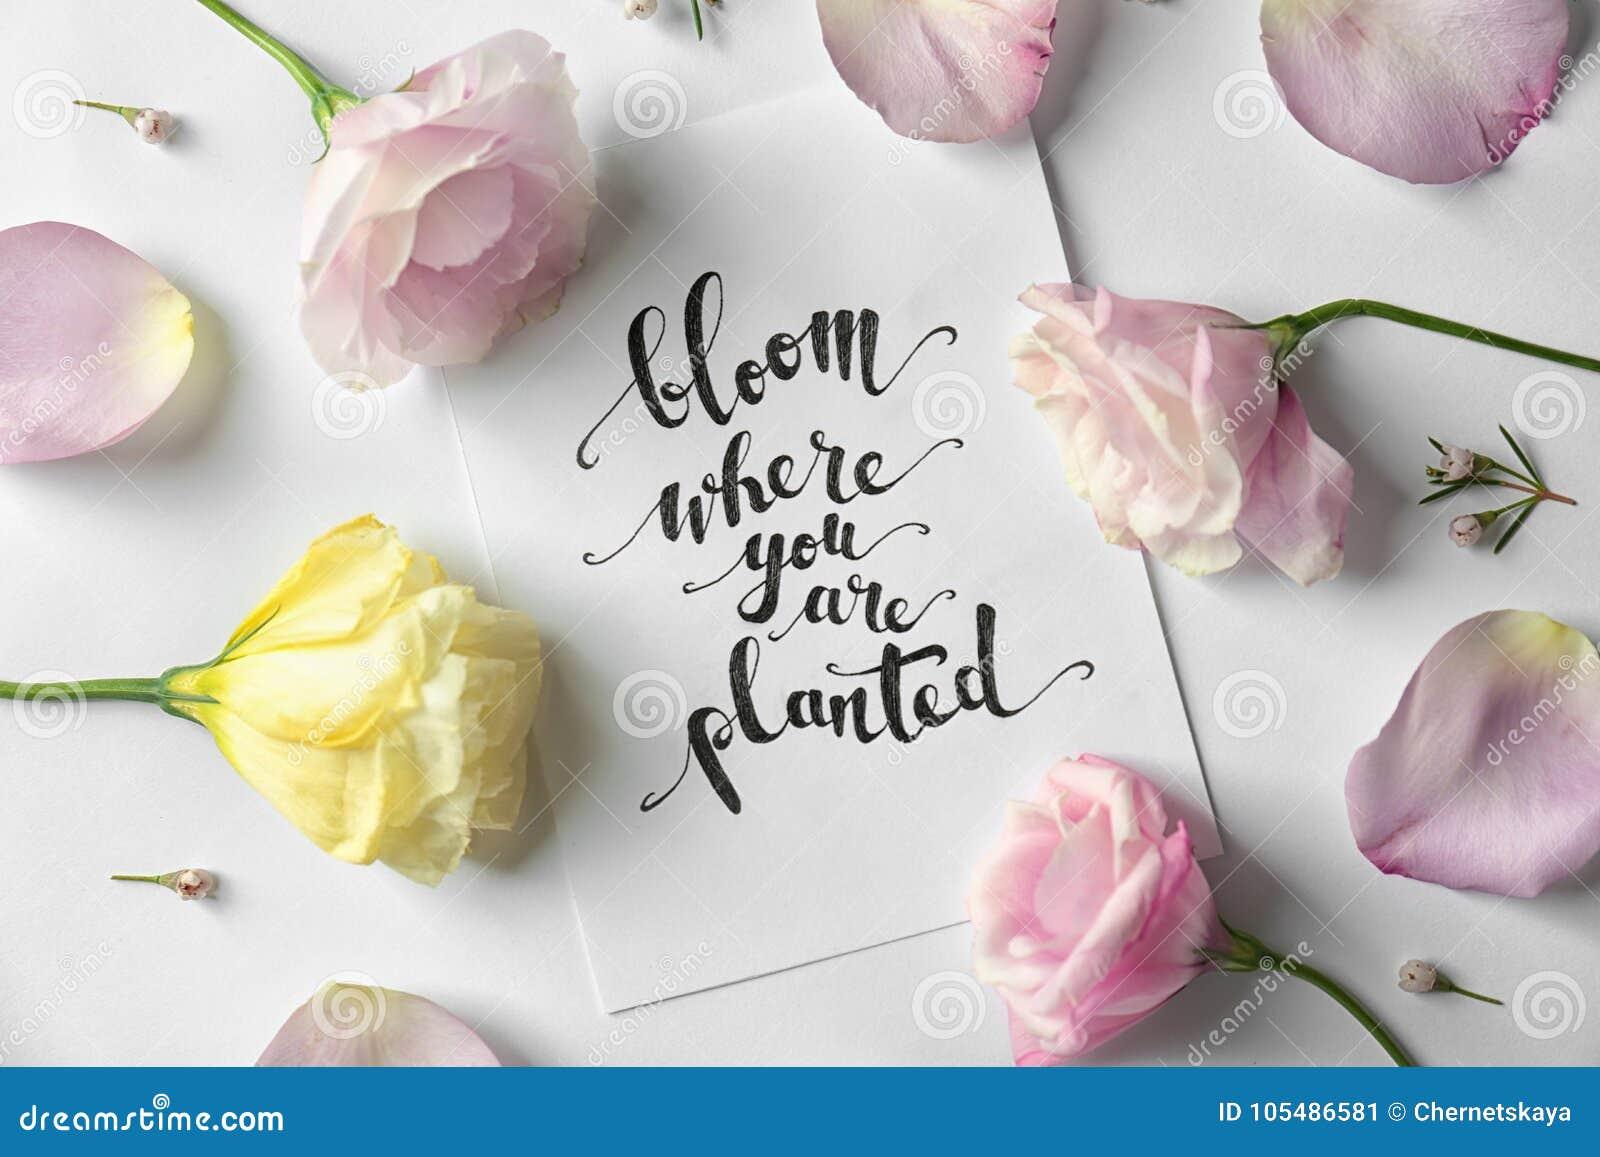 Zitieren Sie Blüte In Der Sie Das Gepflanzte Sind Das